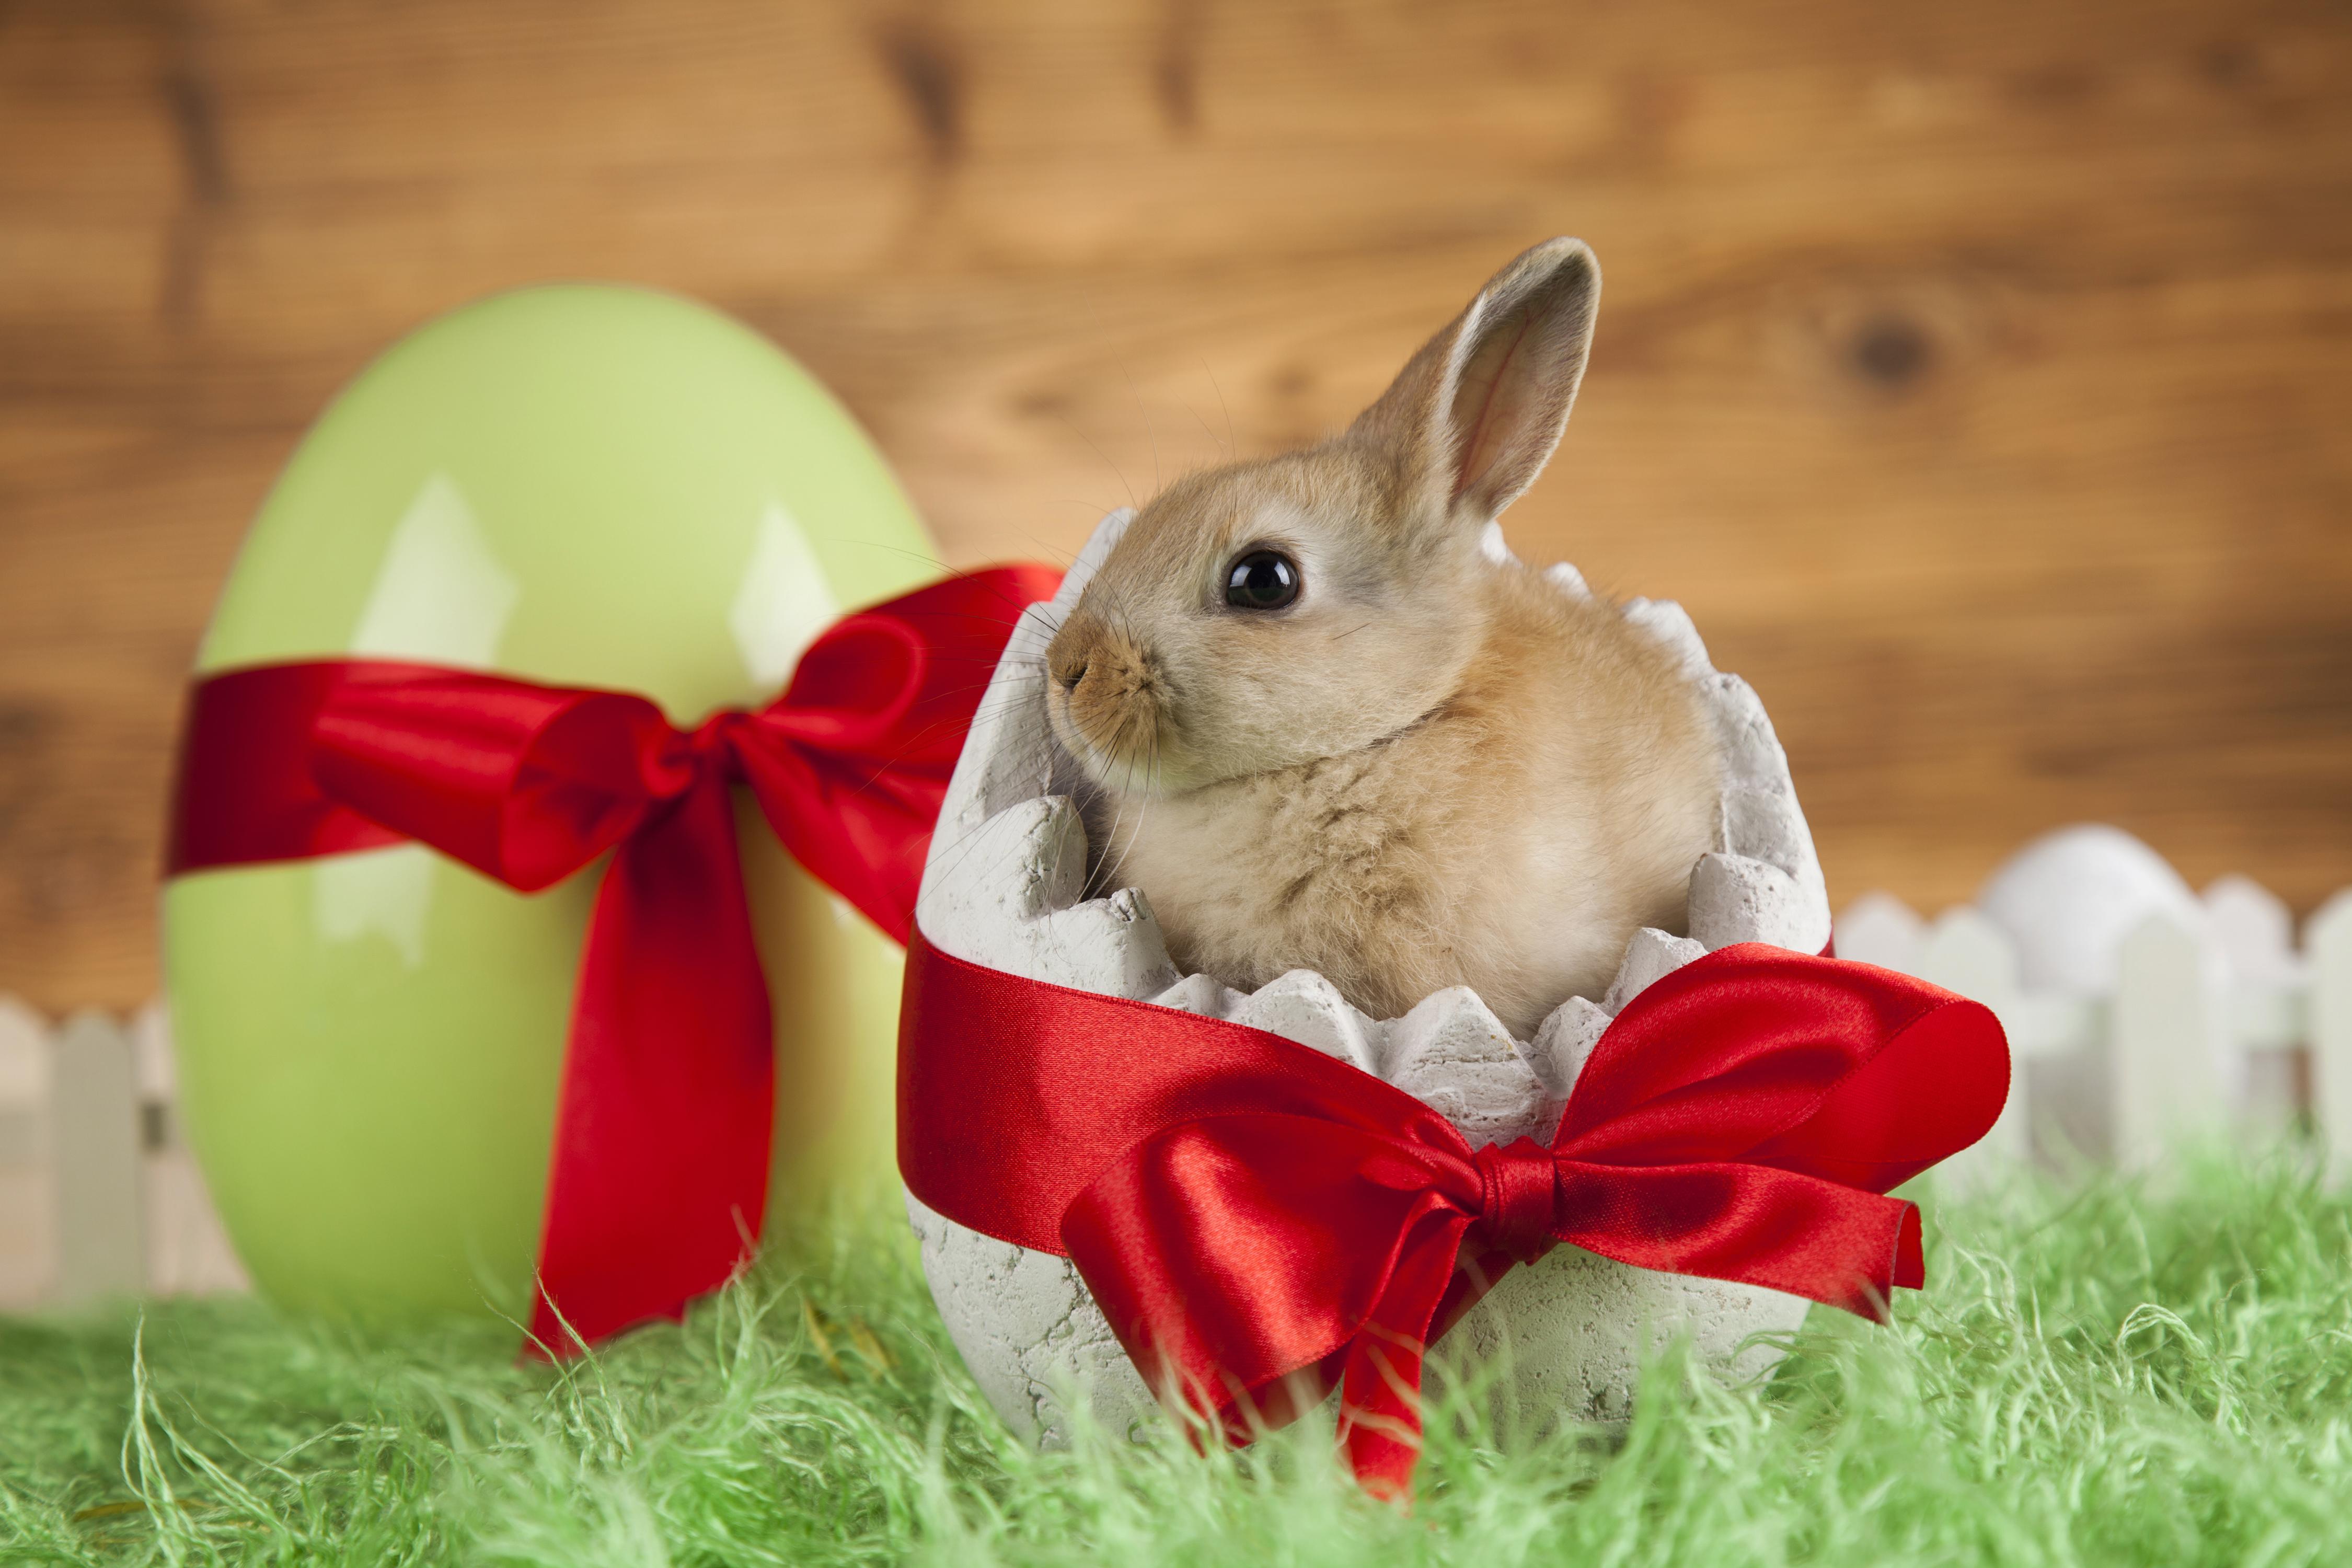 Картинки Пасха Кролики Детеныши Яйца Бантик животное 4500x3000 яиц яйцо яйцами бант бантики Животные